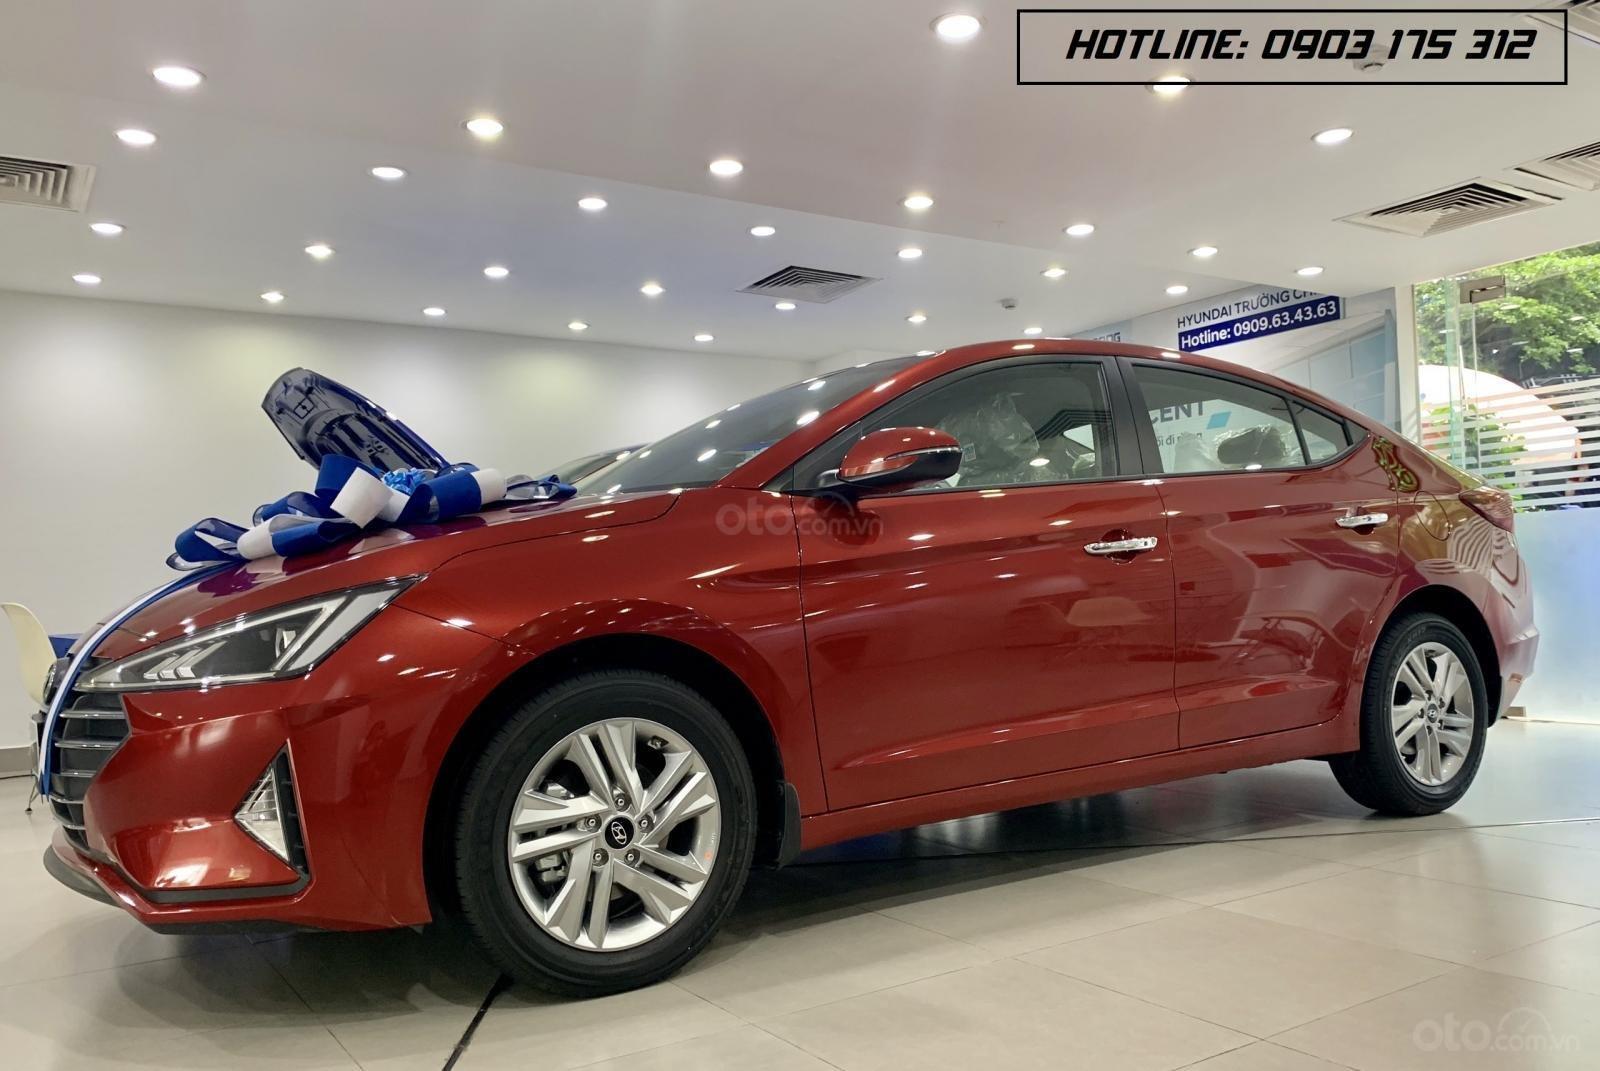 Hyundai Elantra xe sẵn giao ngay, giá giảm sâu, tặng thêm nhiều quà tặng giá trị. Lh: 0977 139 312 (2)